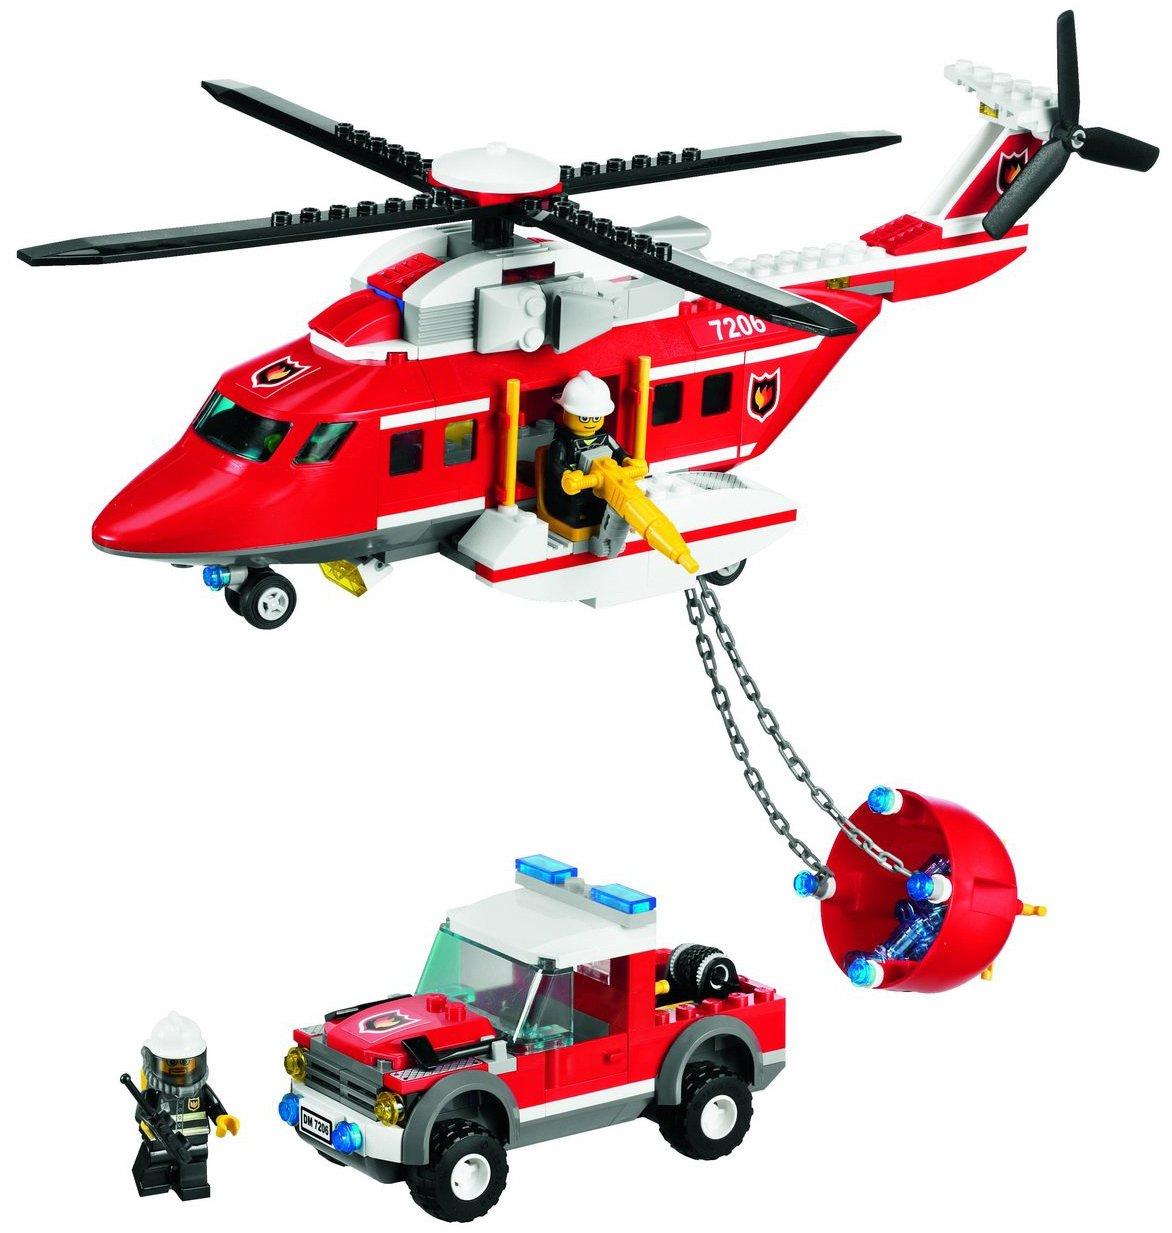 玩具直升机_玩具直升机图片